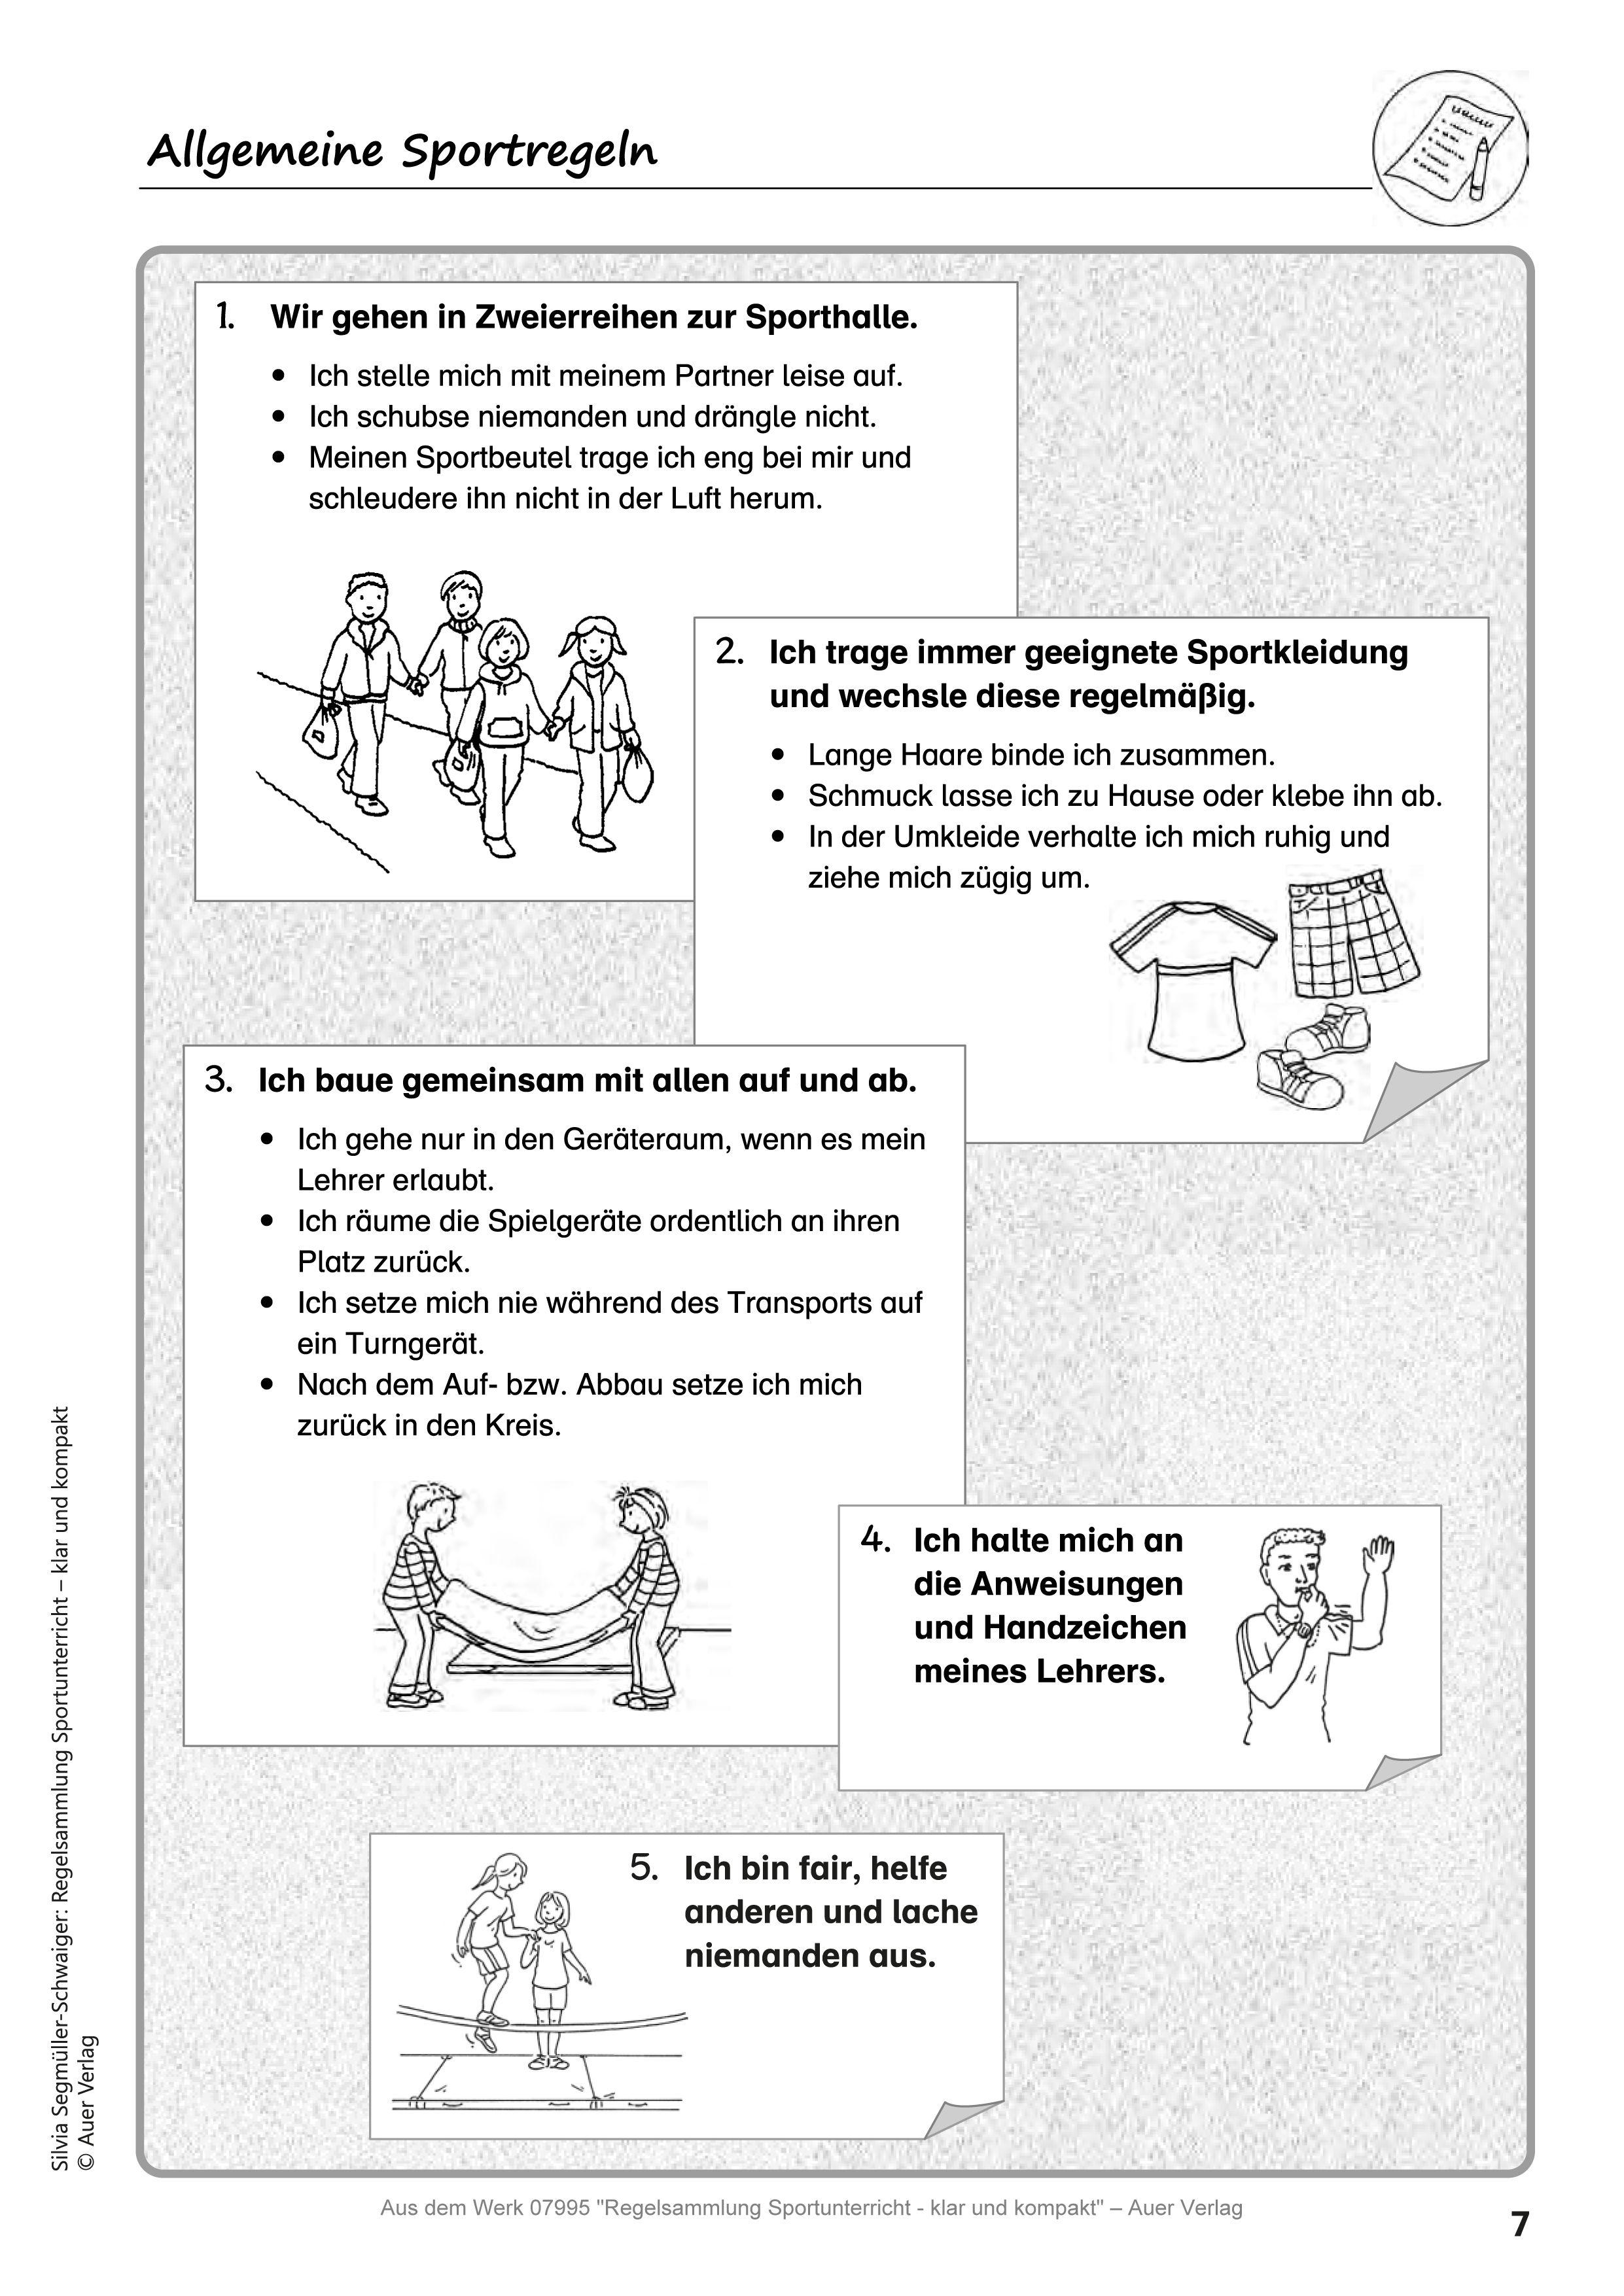 Regelsammlung Sportunterricht klar und kompakt